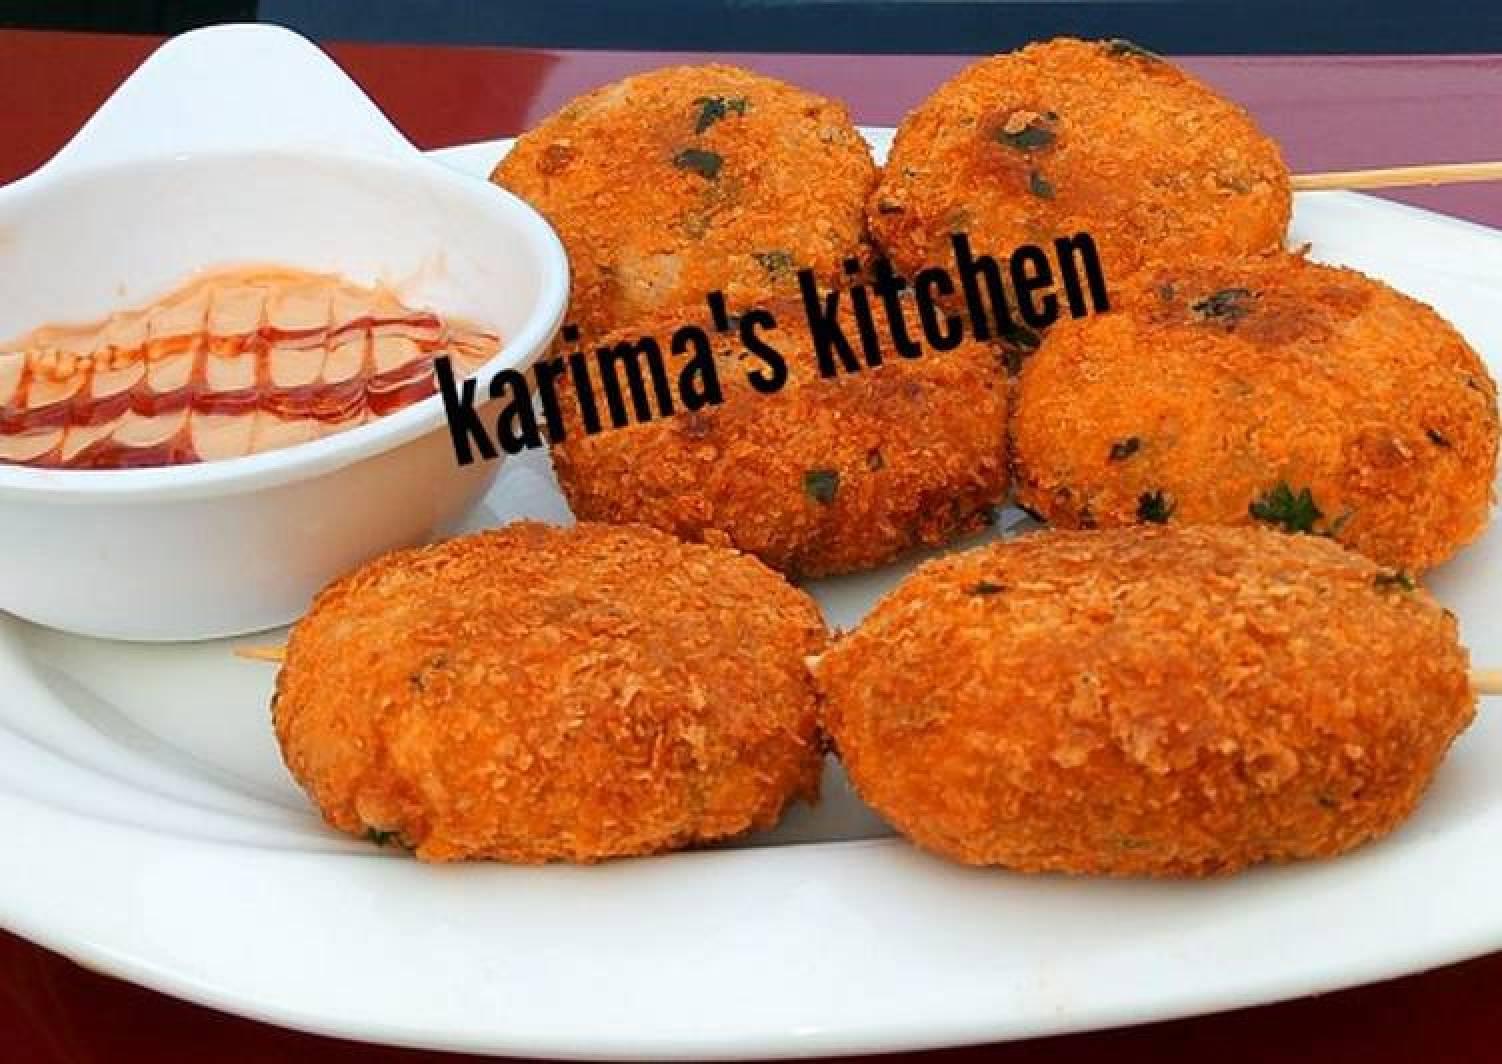 Yam nuggets kebab